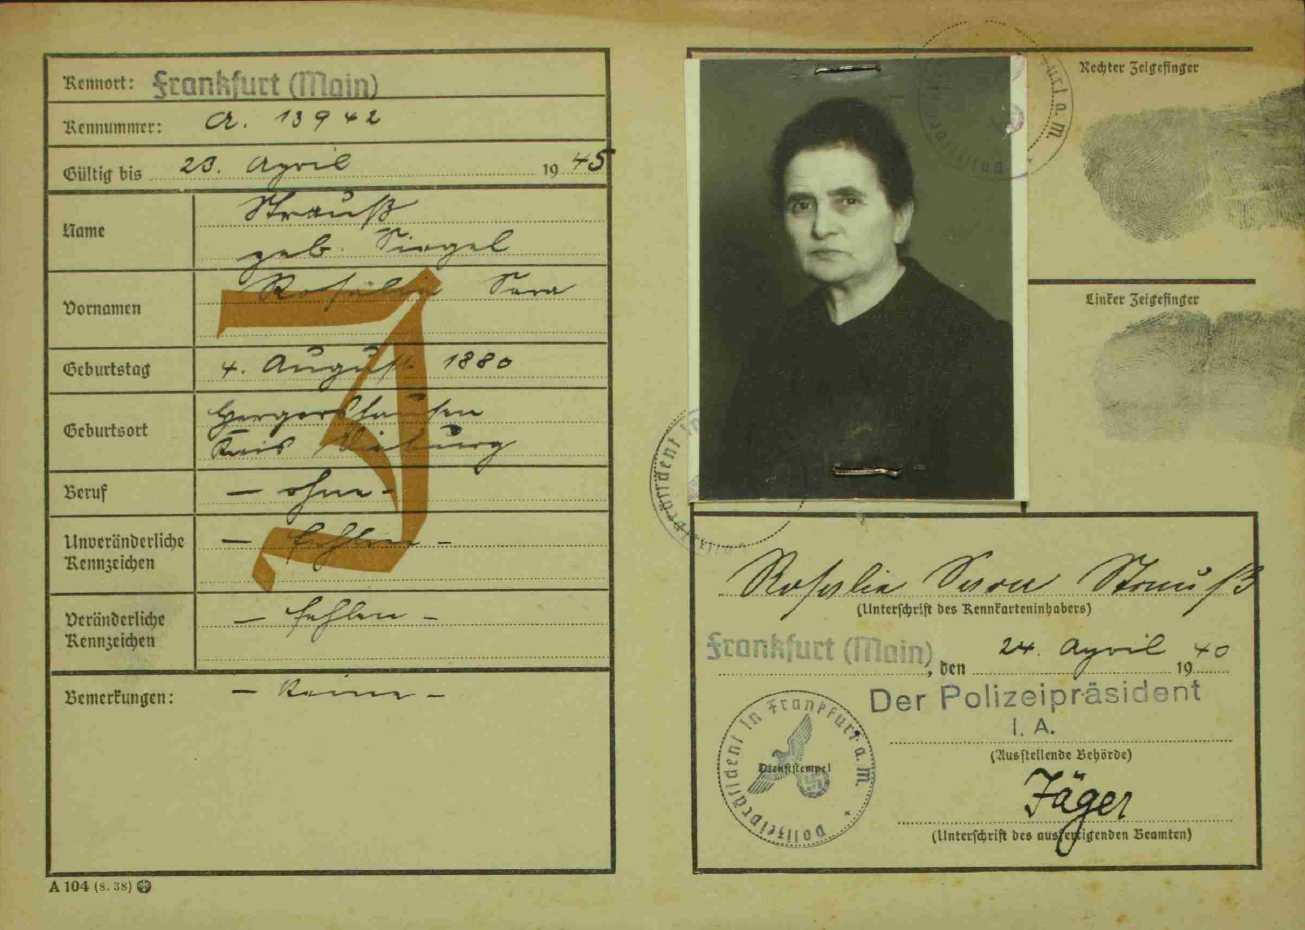 http://www.alemannia-judaica.de/images/Images%20387/Hergershausen%20KK%20MZ%20Strauss%20Rosalie.jpg